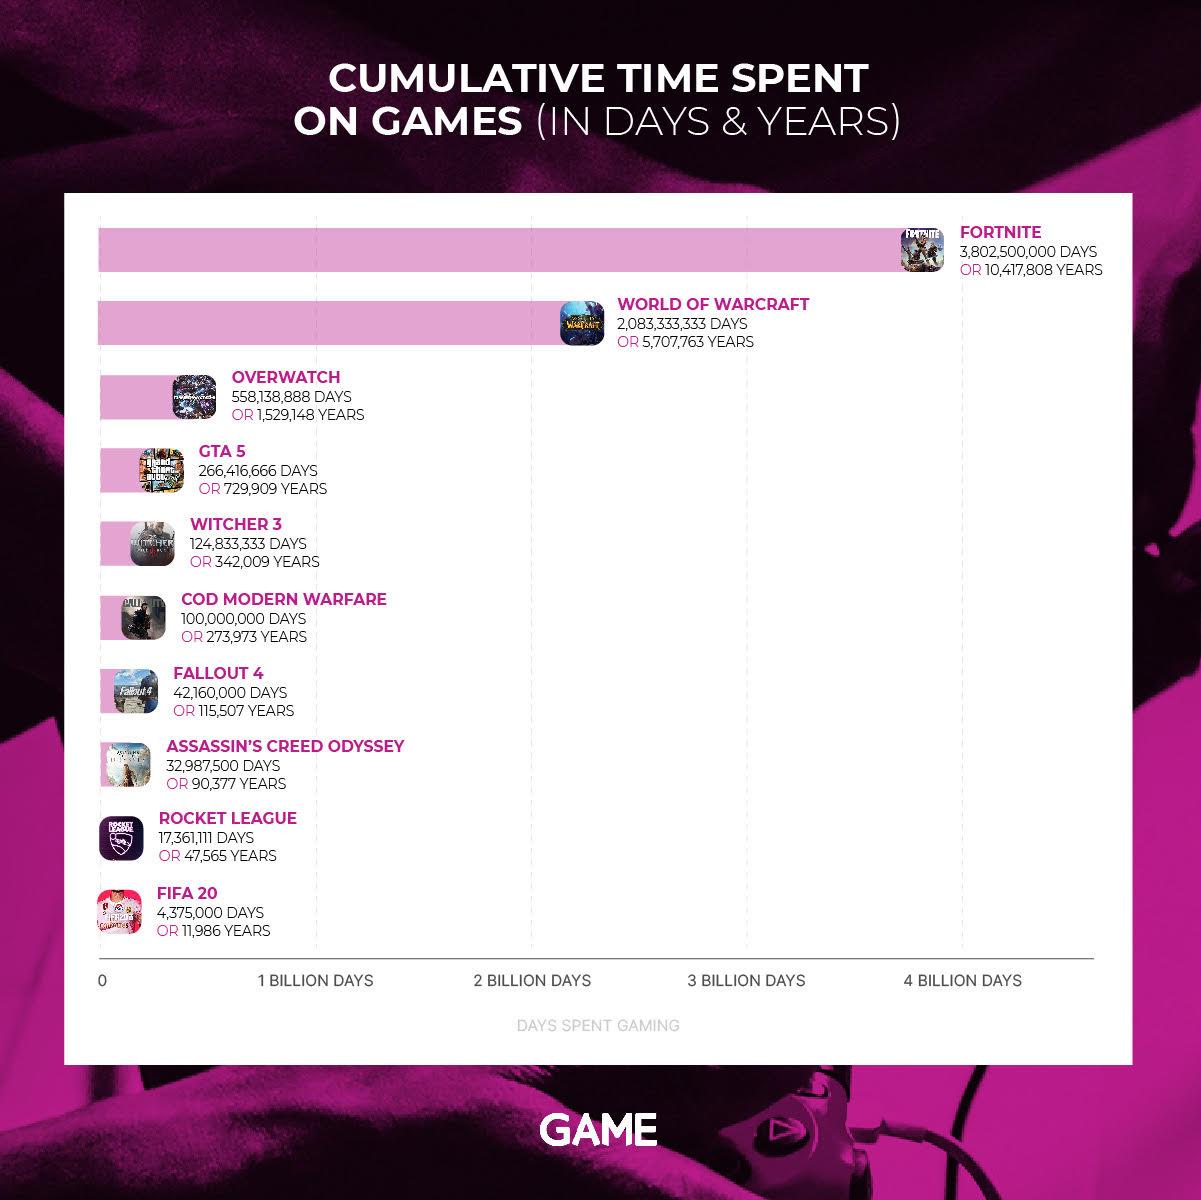 Gráfico de horas jugadas a varios juegos online